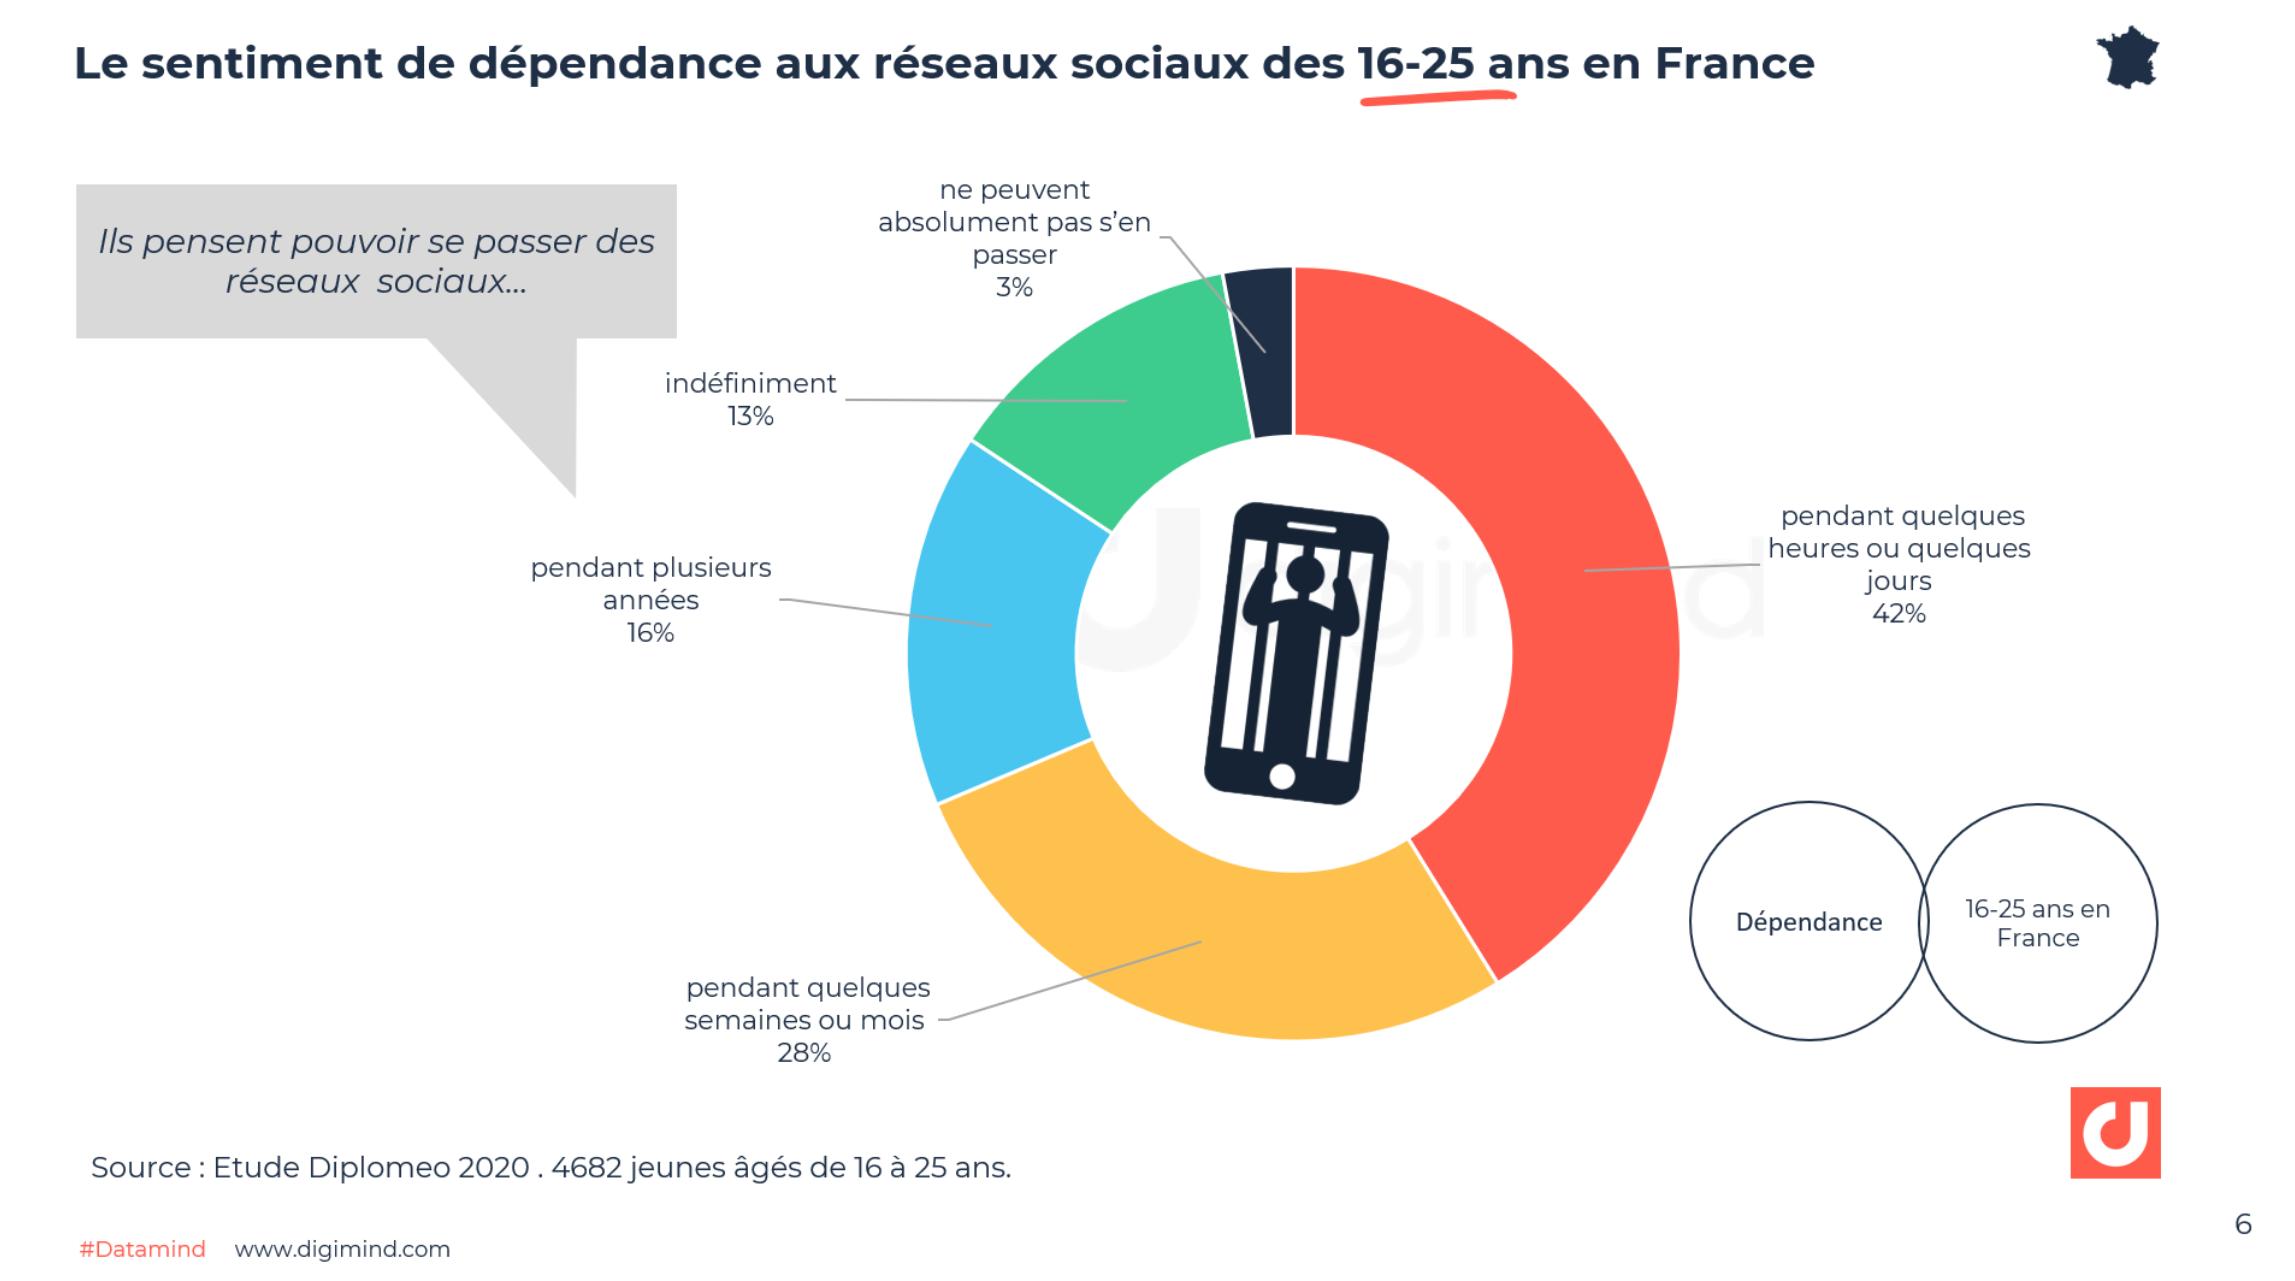 Le sentiment de dépendance aux réseaux sociaux des 16-25 ans en France